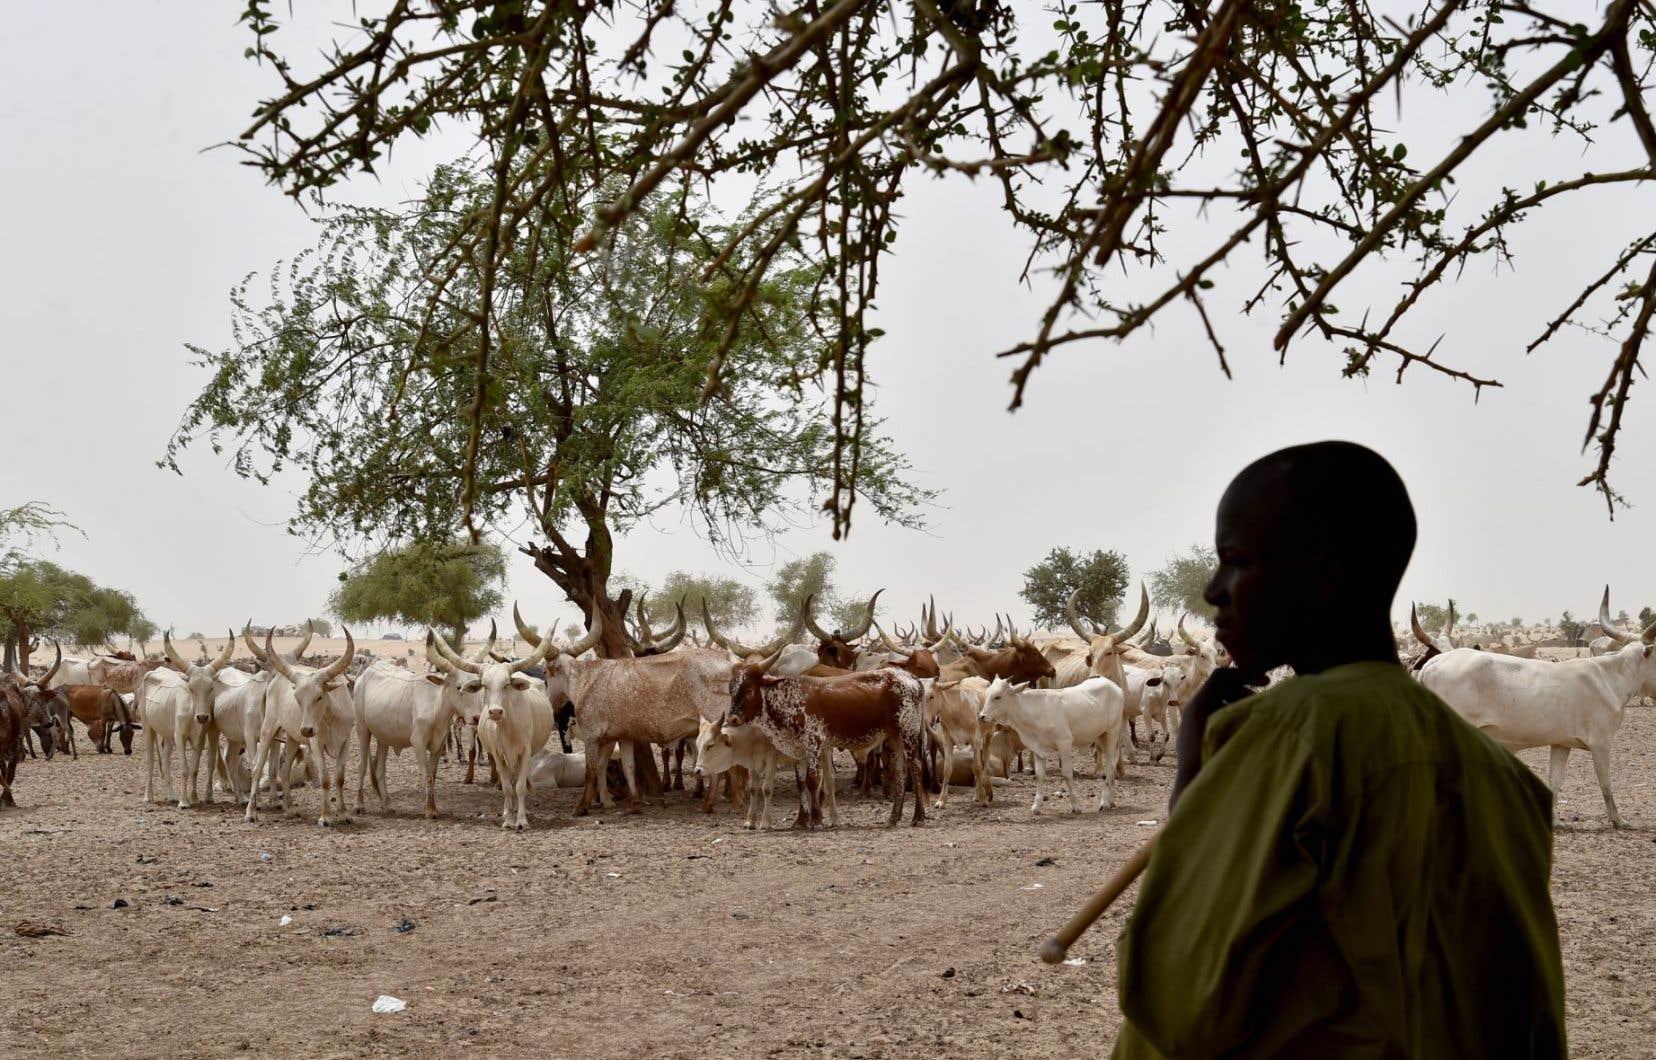 Les conflits entre les agriculteurs et éleveurs sont récurrents au Niger, notamment pendant la période des récoltes qui coïncide également avec les mouvements du bétail vers les grandes aires de pâturage.